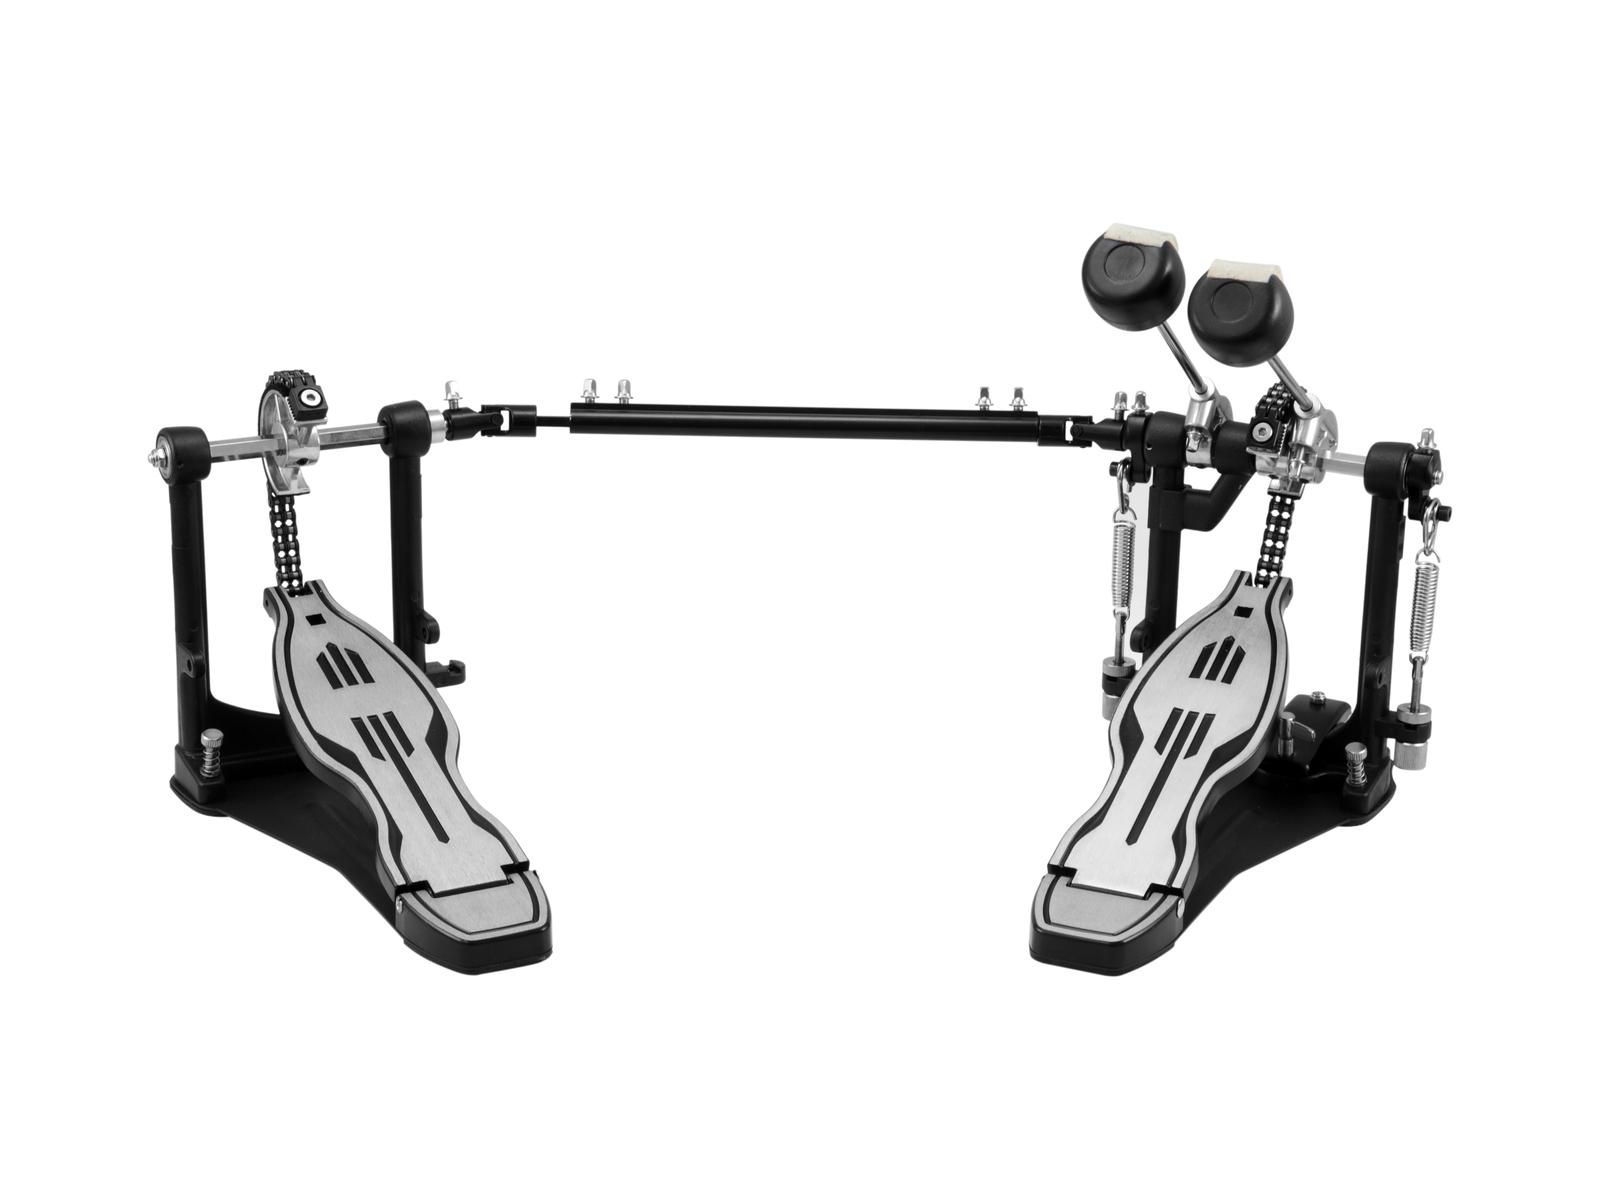 Dimavery DFM-1200 Double Bass Pedal